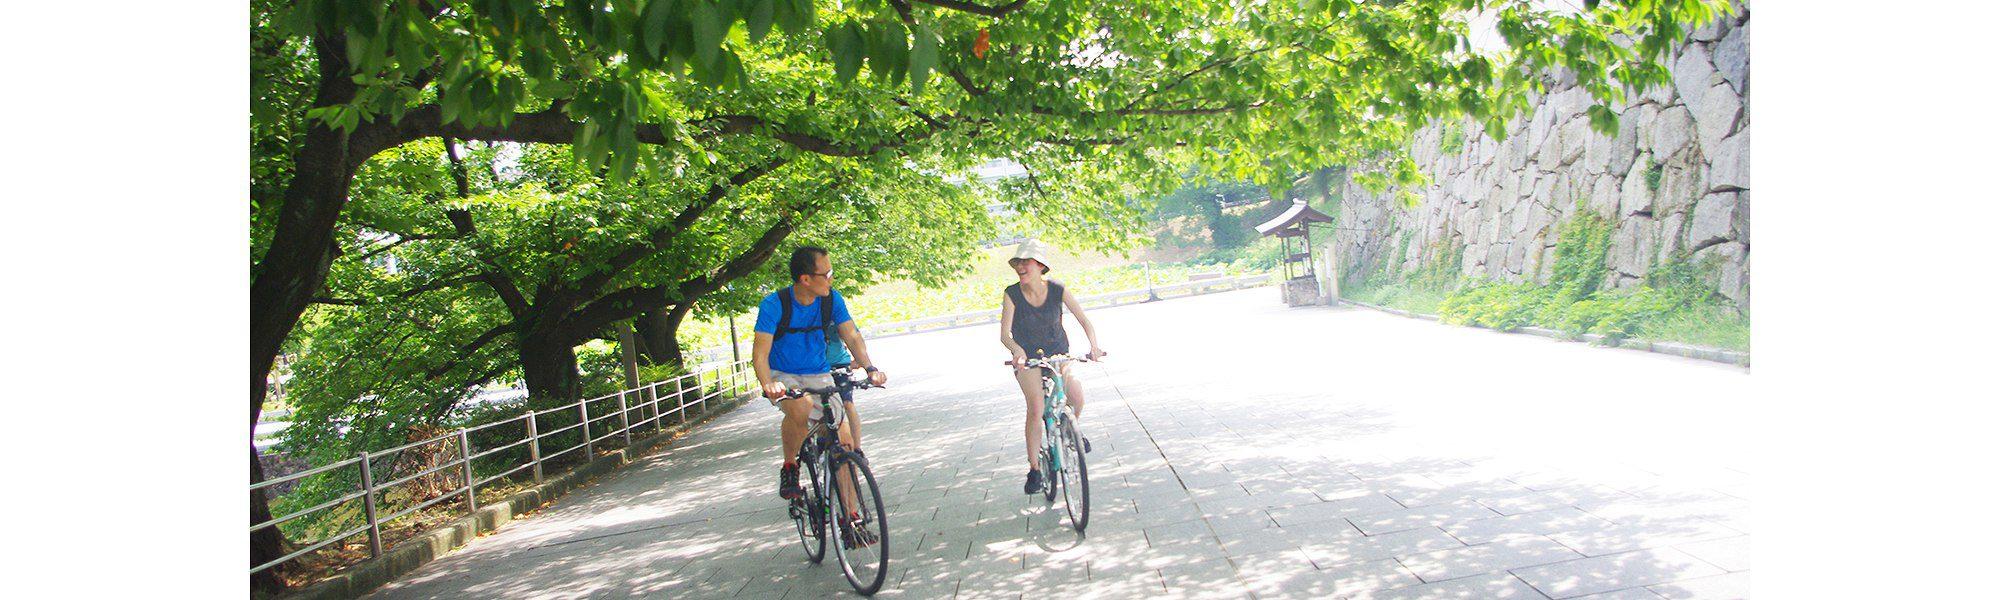 福岡バイクツアー Fukuoka Bike Tour